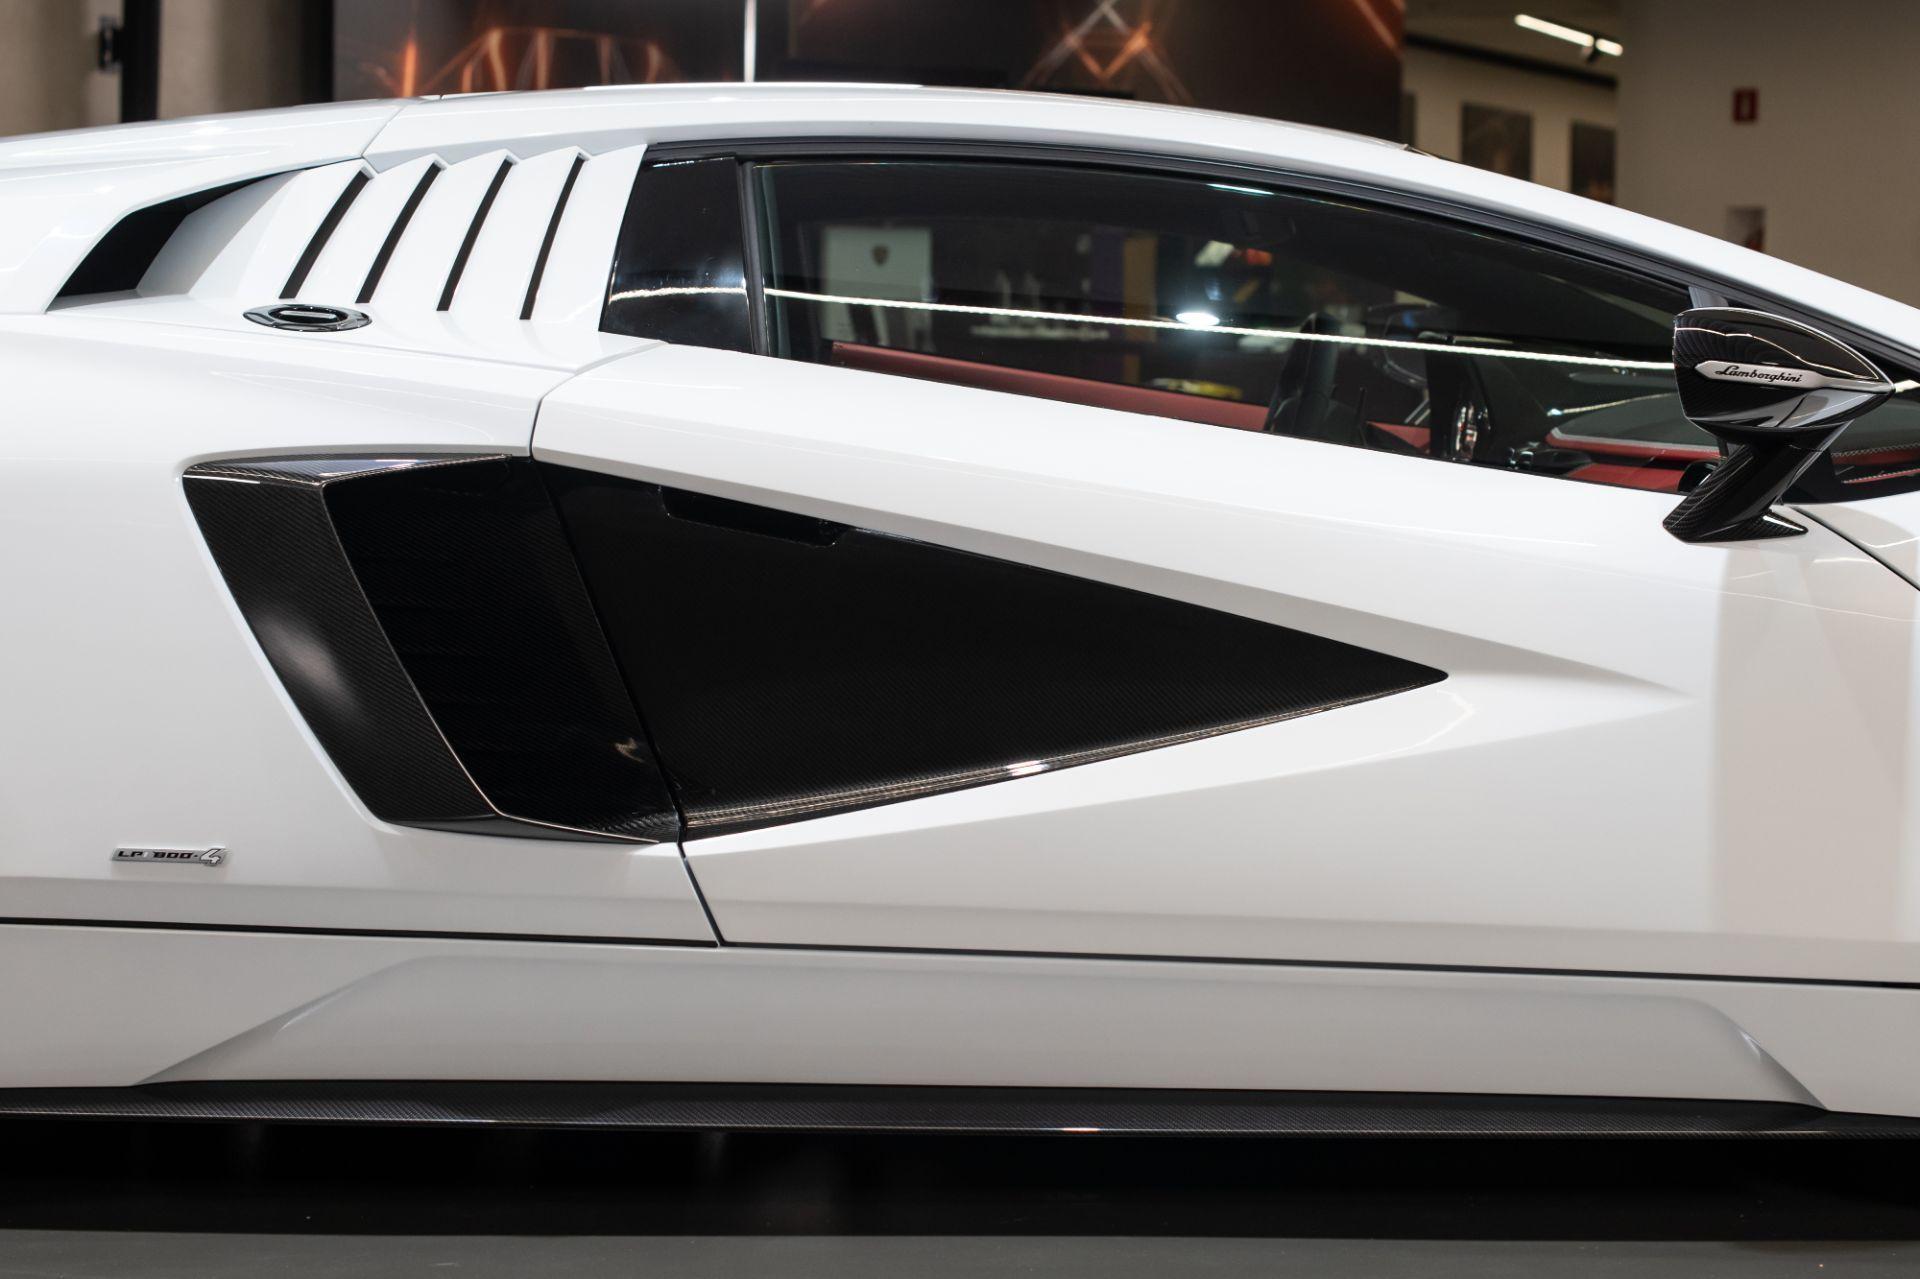 Lamborghini-Countach-LPI-800-4-14